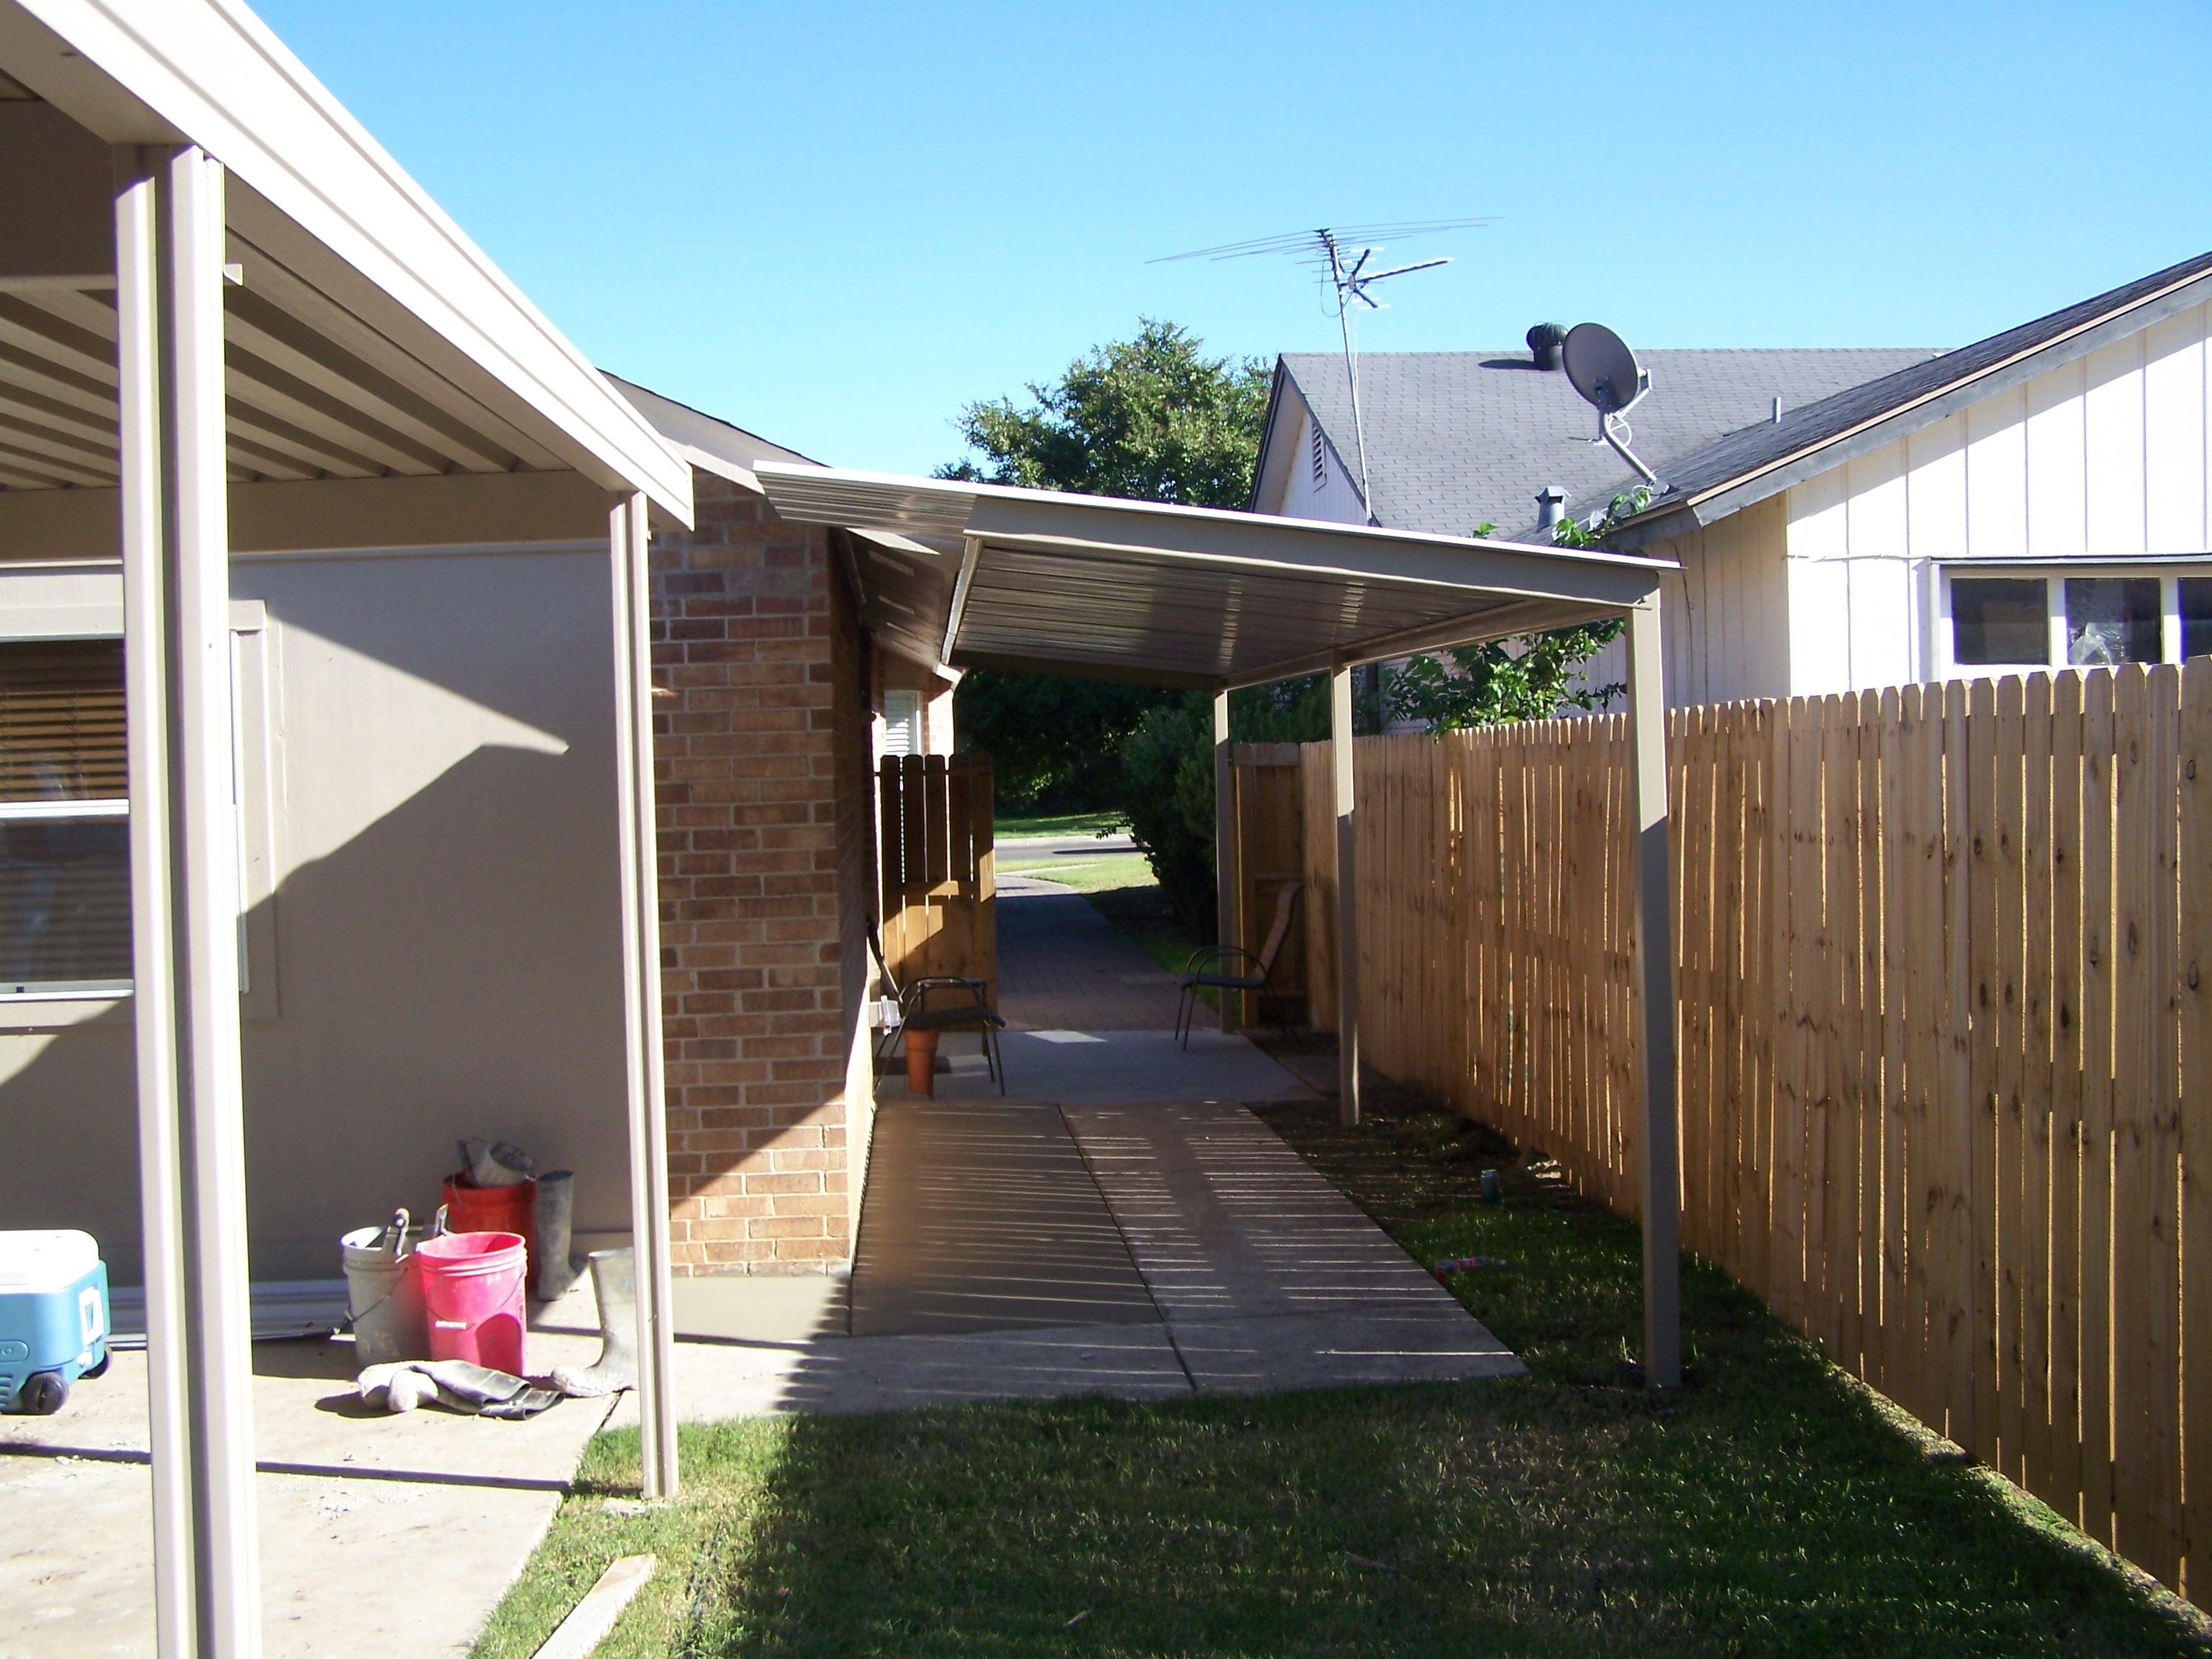 100_4678 - Carport Patio Covers Awnings San Antonio - Best ...